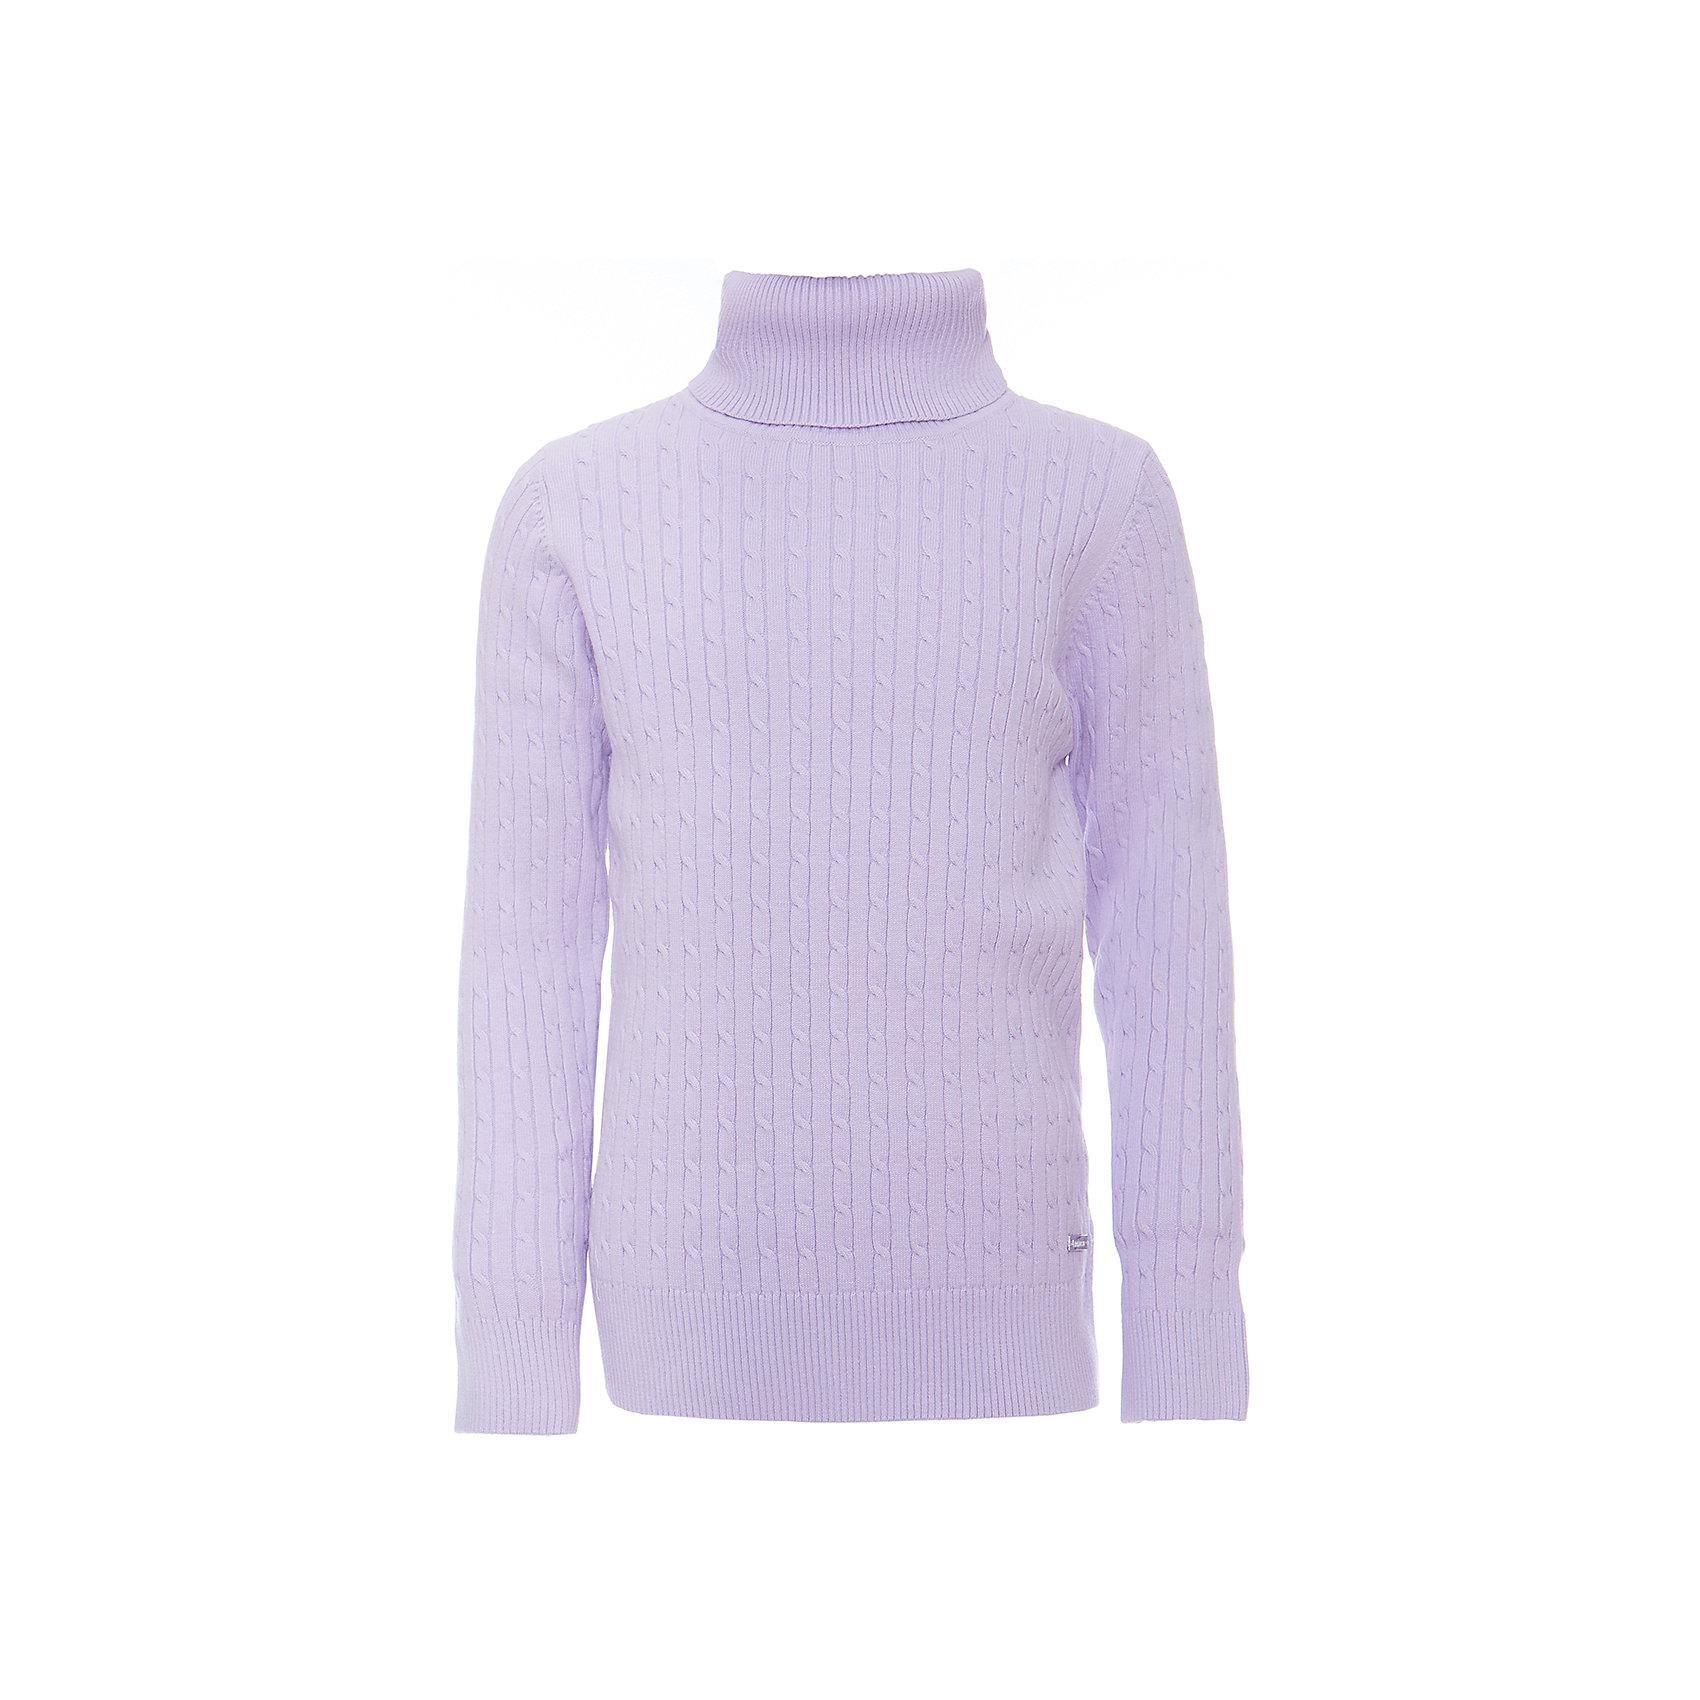 Водолазка для девочки LuminosoХарактеристики товара:<br><br>- цвет: лиловый;<br>- материал: 95% хлопок,5% эластан;<br>- качественная пряжа;<br>- резинка по низу и на рукавах;<br>- длинный рукав;<br>- вязаный узор;<br>- высокий ворот.<br><br>Стильная одежда от бренда Luminoso (Люминосо), созданная при участии итальянских дизайнеров, учитывает потребности подростков и последние веяния моды. Она удобная и модная.<br>Эта тонкая вязаная водолазка идеальна для прохладной погоды. Она хорошо сидит на ребенке, обеспечивает комфорт и отлично сочетается с одежной разных стилей. Модель отличается высоким качеством пряжи и продуманным дизайном.<br><br>Водолазку для девочки от бренда Luminoso (Люминосо) можно купить в нашем интернет-магазине.<br><br>Ширина мм: 230<br>Глубина мм: 40<br>Высота мм: 220<br>Вес г: 250<br>Цвет: фиолетовый<br>Возраст от месяцев: 96<br>Возраст до месяцев: 108<br>Пол: Женский<br>Возраст: Детский<br>Размер: 134,164,158,152,146,140<br>SKU: 4929479